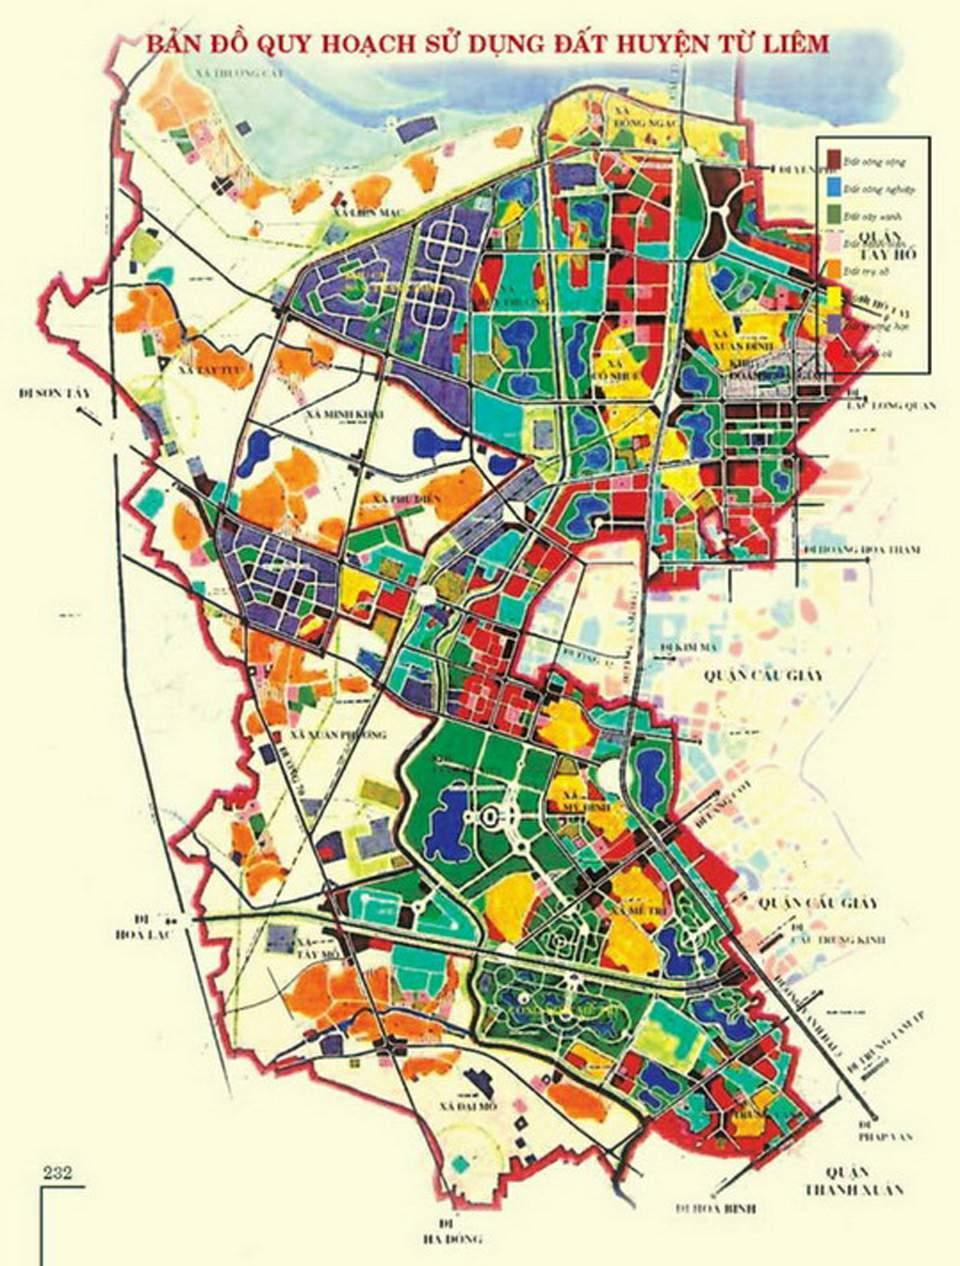 Bản đồ quy hoạch sử dụng đất của Từ Liêm